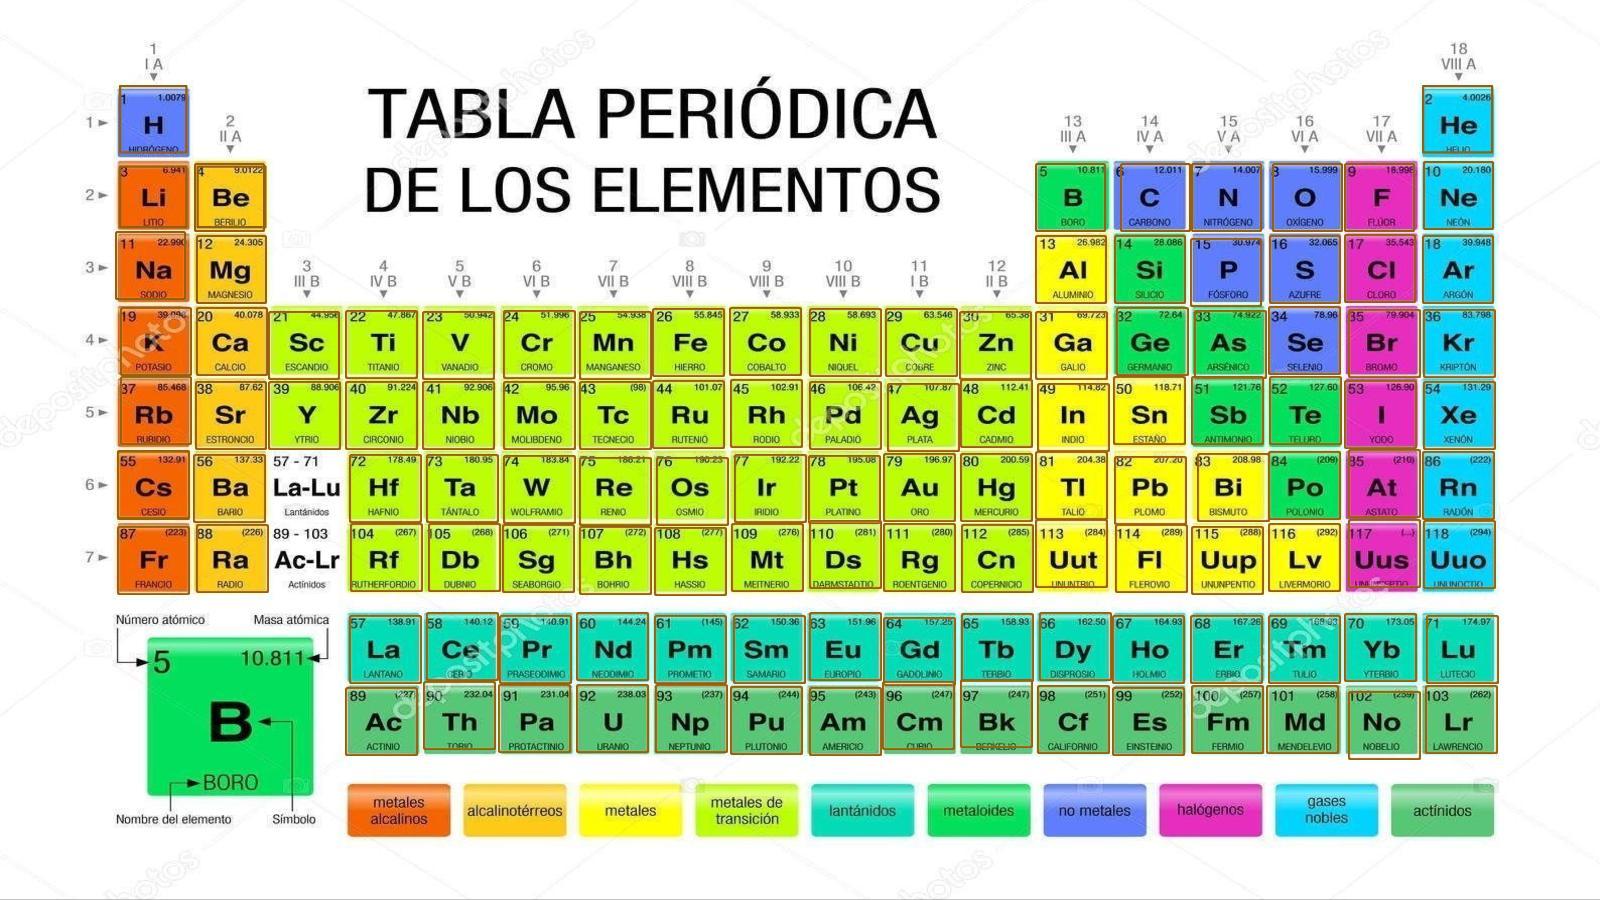 Elementos metalicos mas abundantes en la tierra